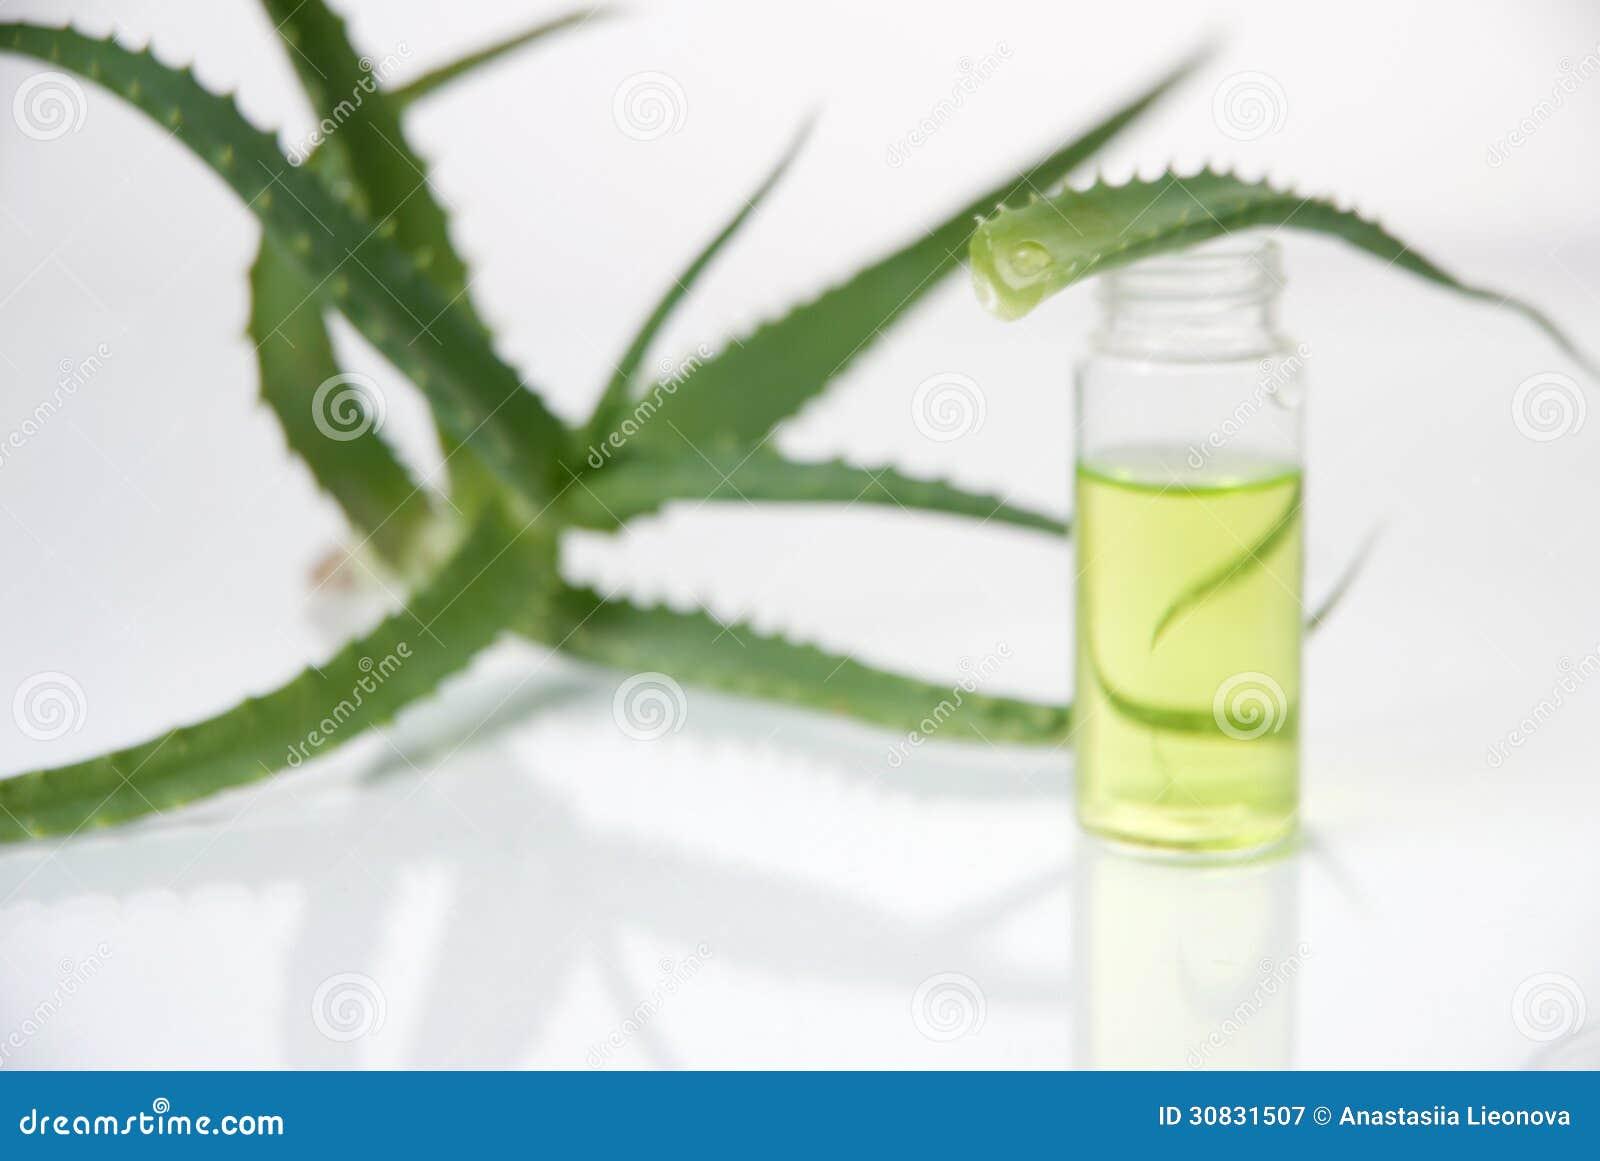 Estratto di piante. Chimica naturale.